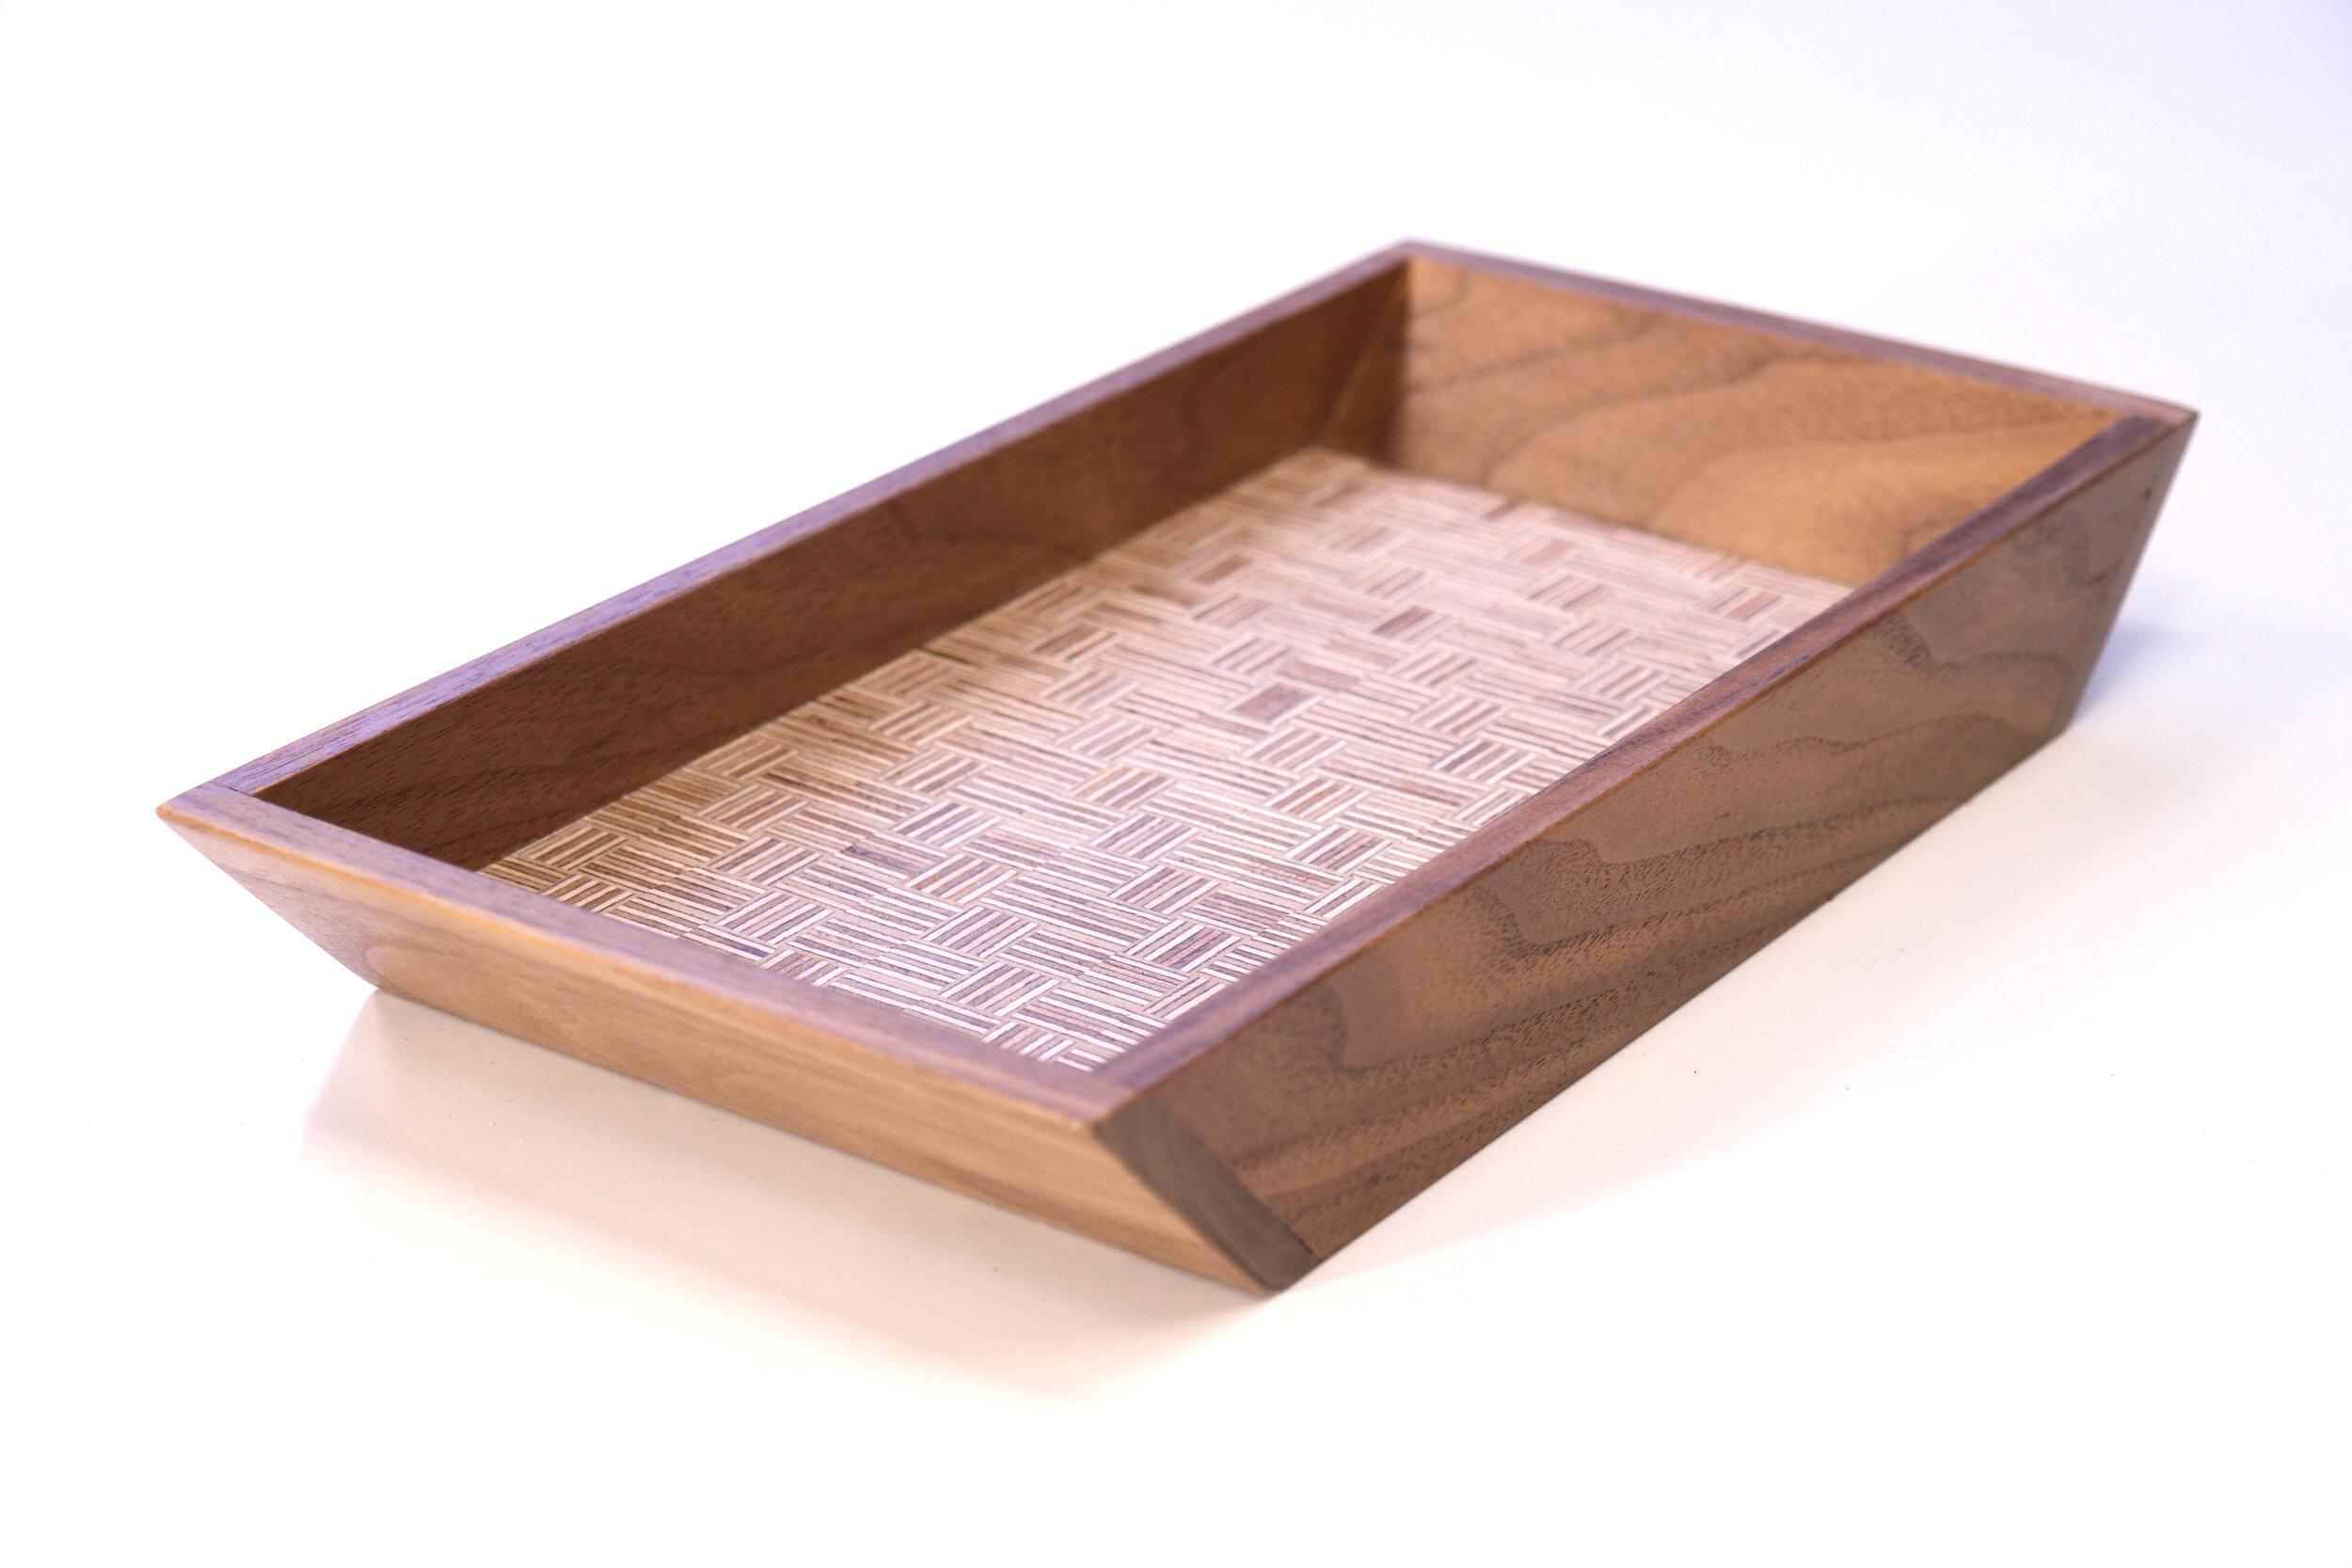 Basket Weave 4 - https://www.ebay.com/itm/333336244922